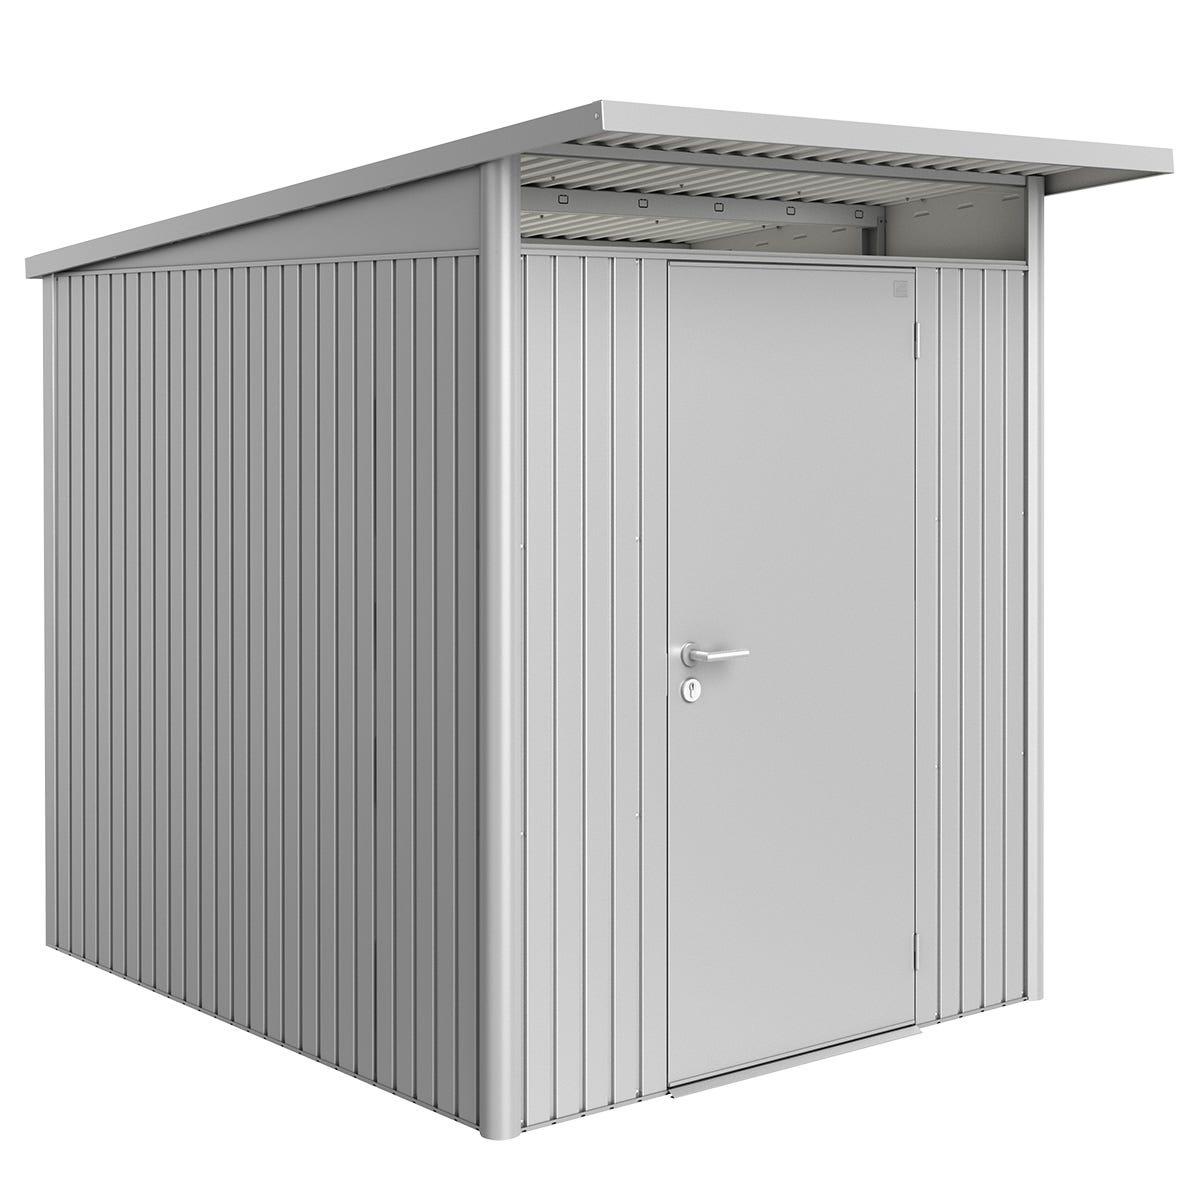 Biohort AvantGarde Metal Shed A2 Standard door 5' 9'' x 8' 5'' - Metallic Silver